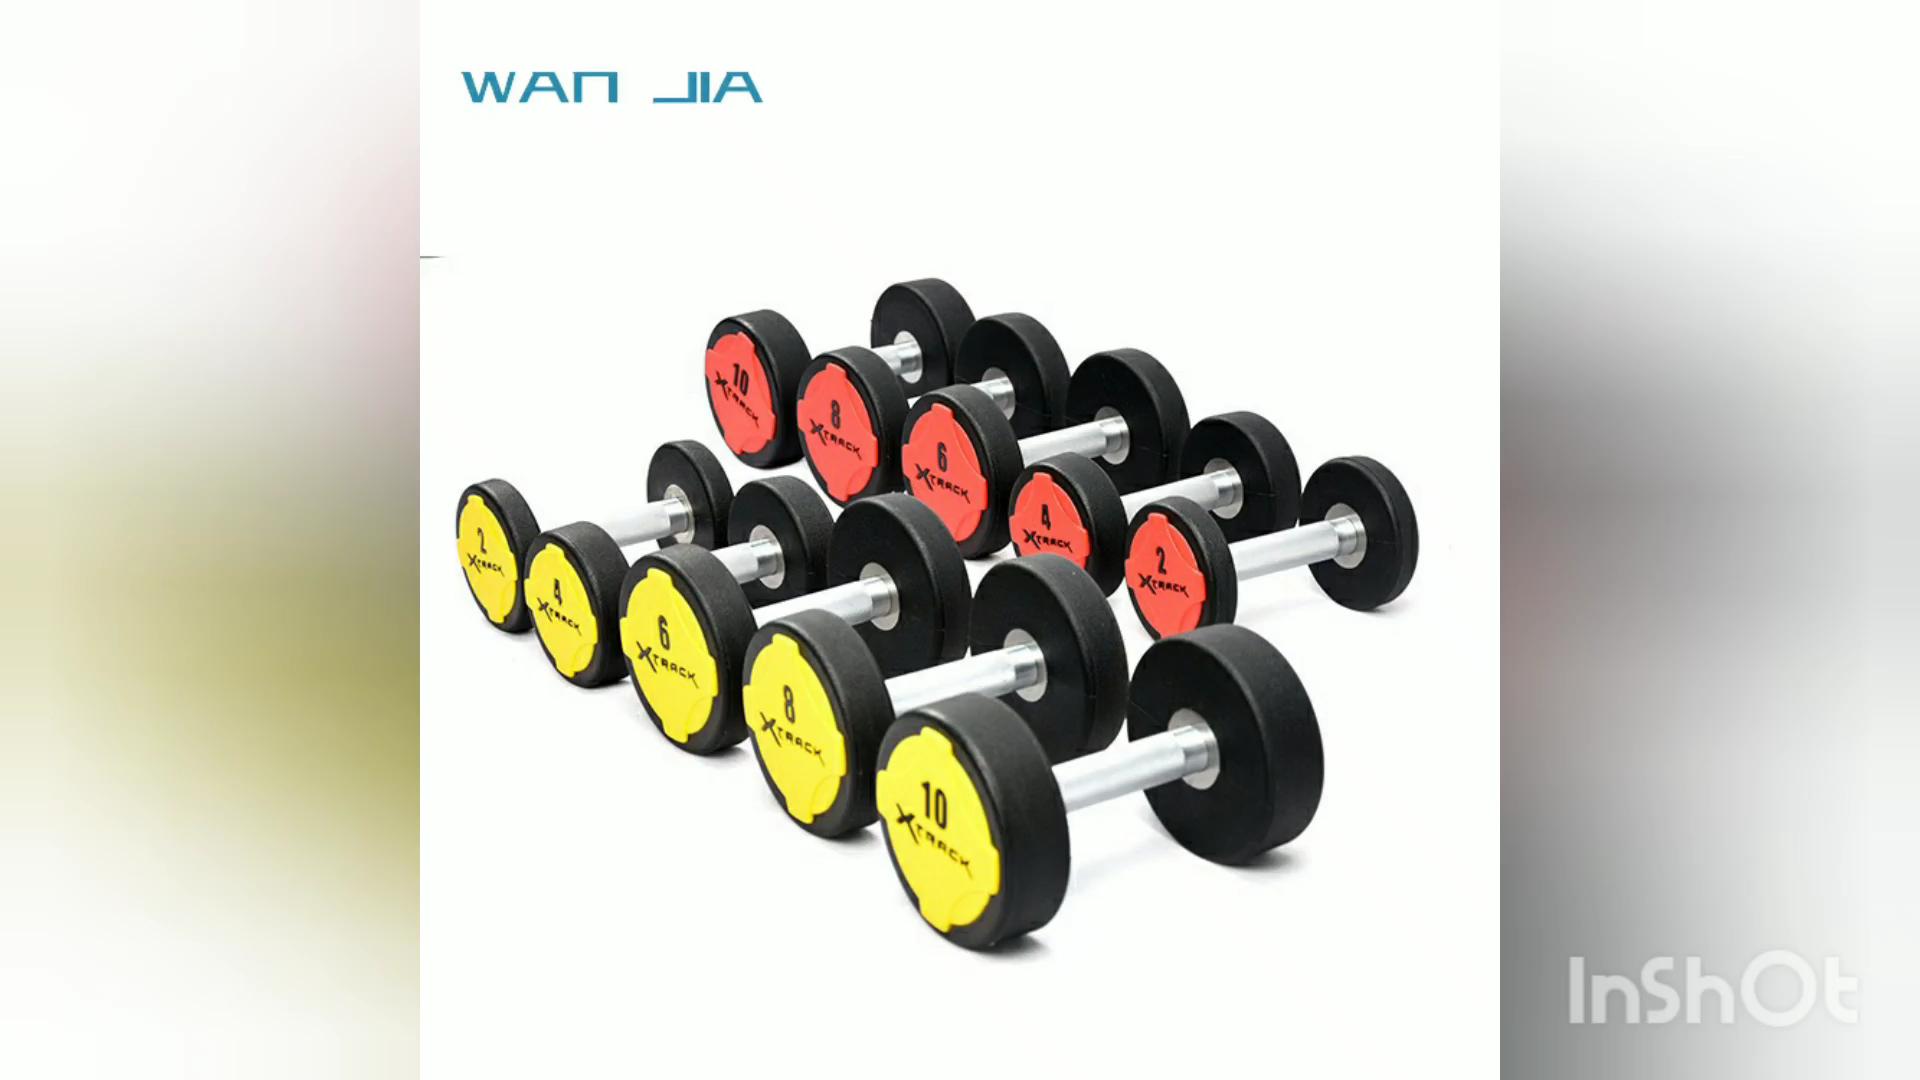 Profesyonel ticari spor salonu ağırlık dambıl seti satılık ucuz dambıl setleri 2.5kg-50kg PU malzeme